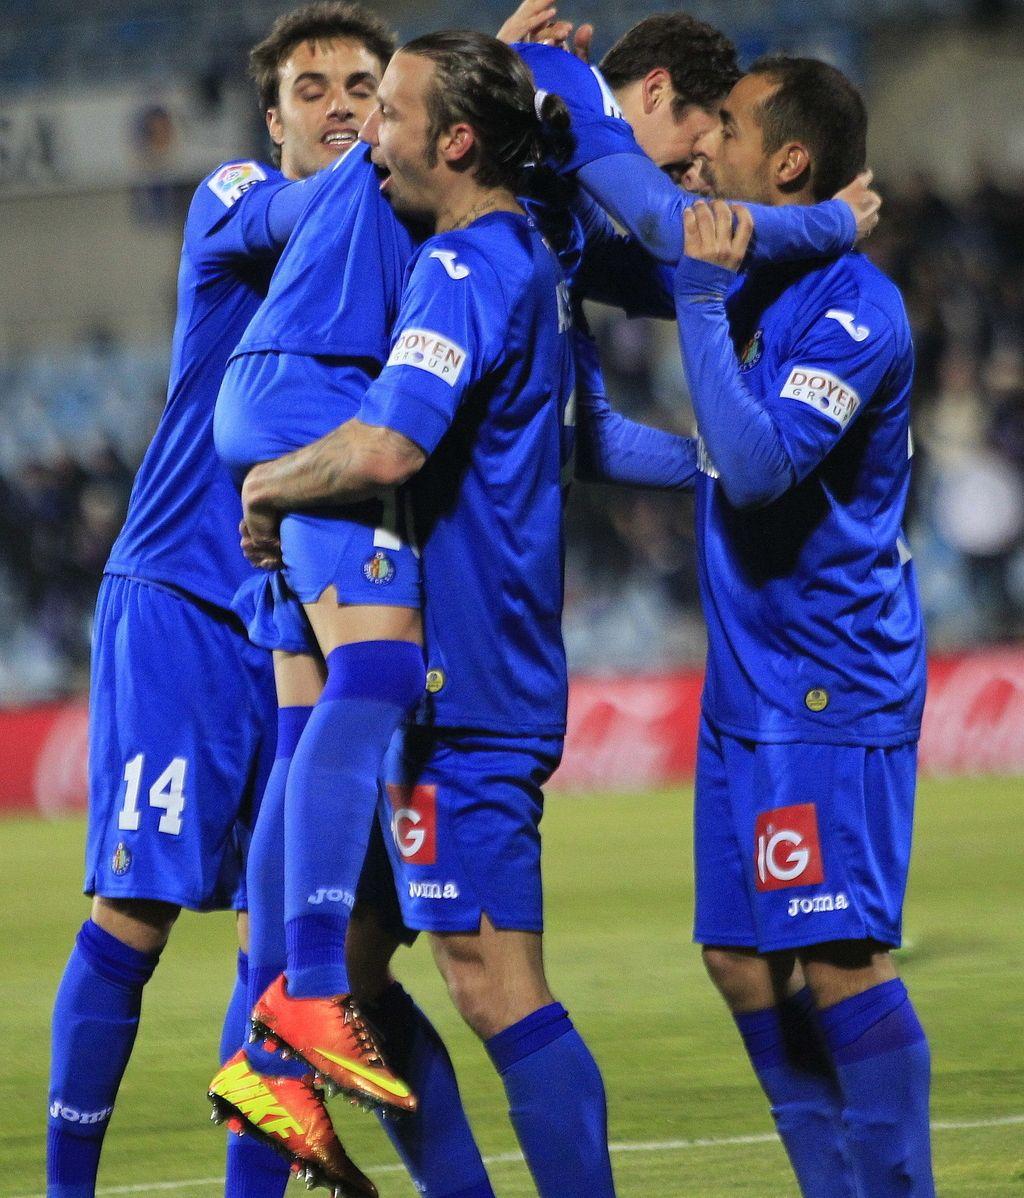 Los jugadores del Getafe CF celebran el segundo gol del equipo, conseguido por Sergio Escudero